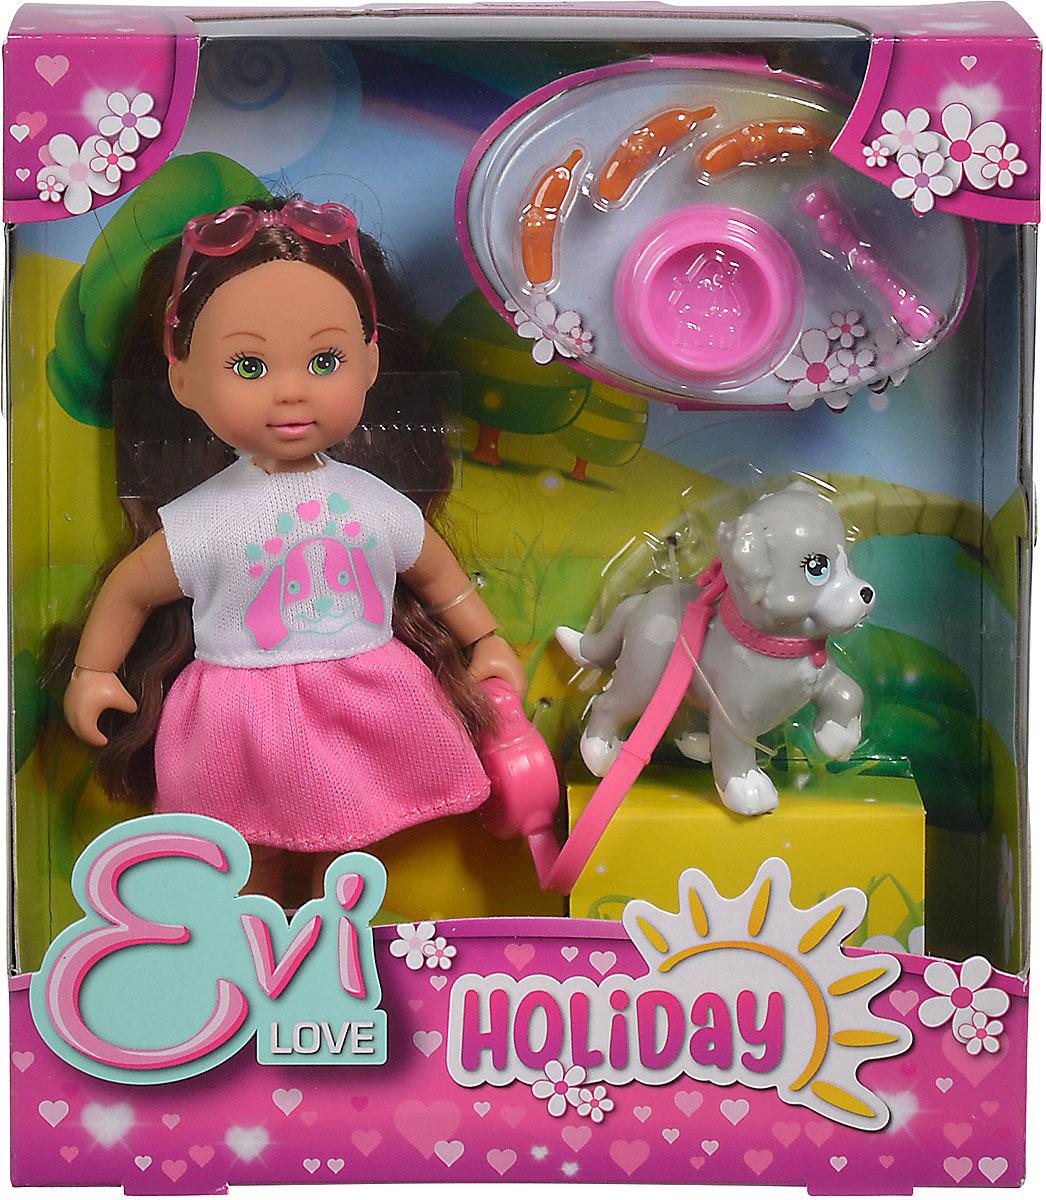 Мини-кукла Simba Holiday. Еви цена